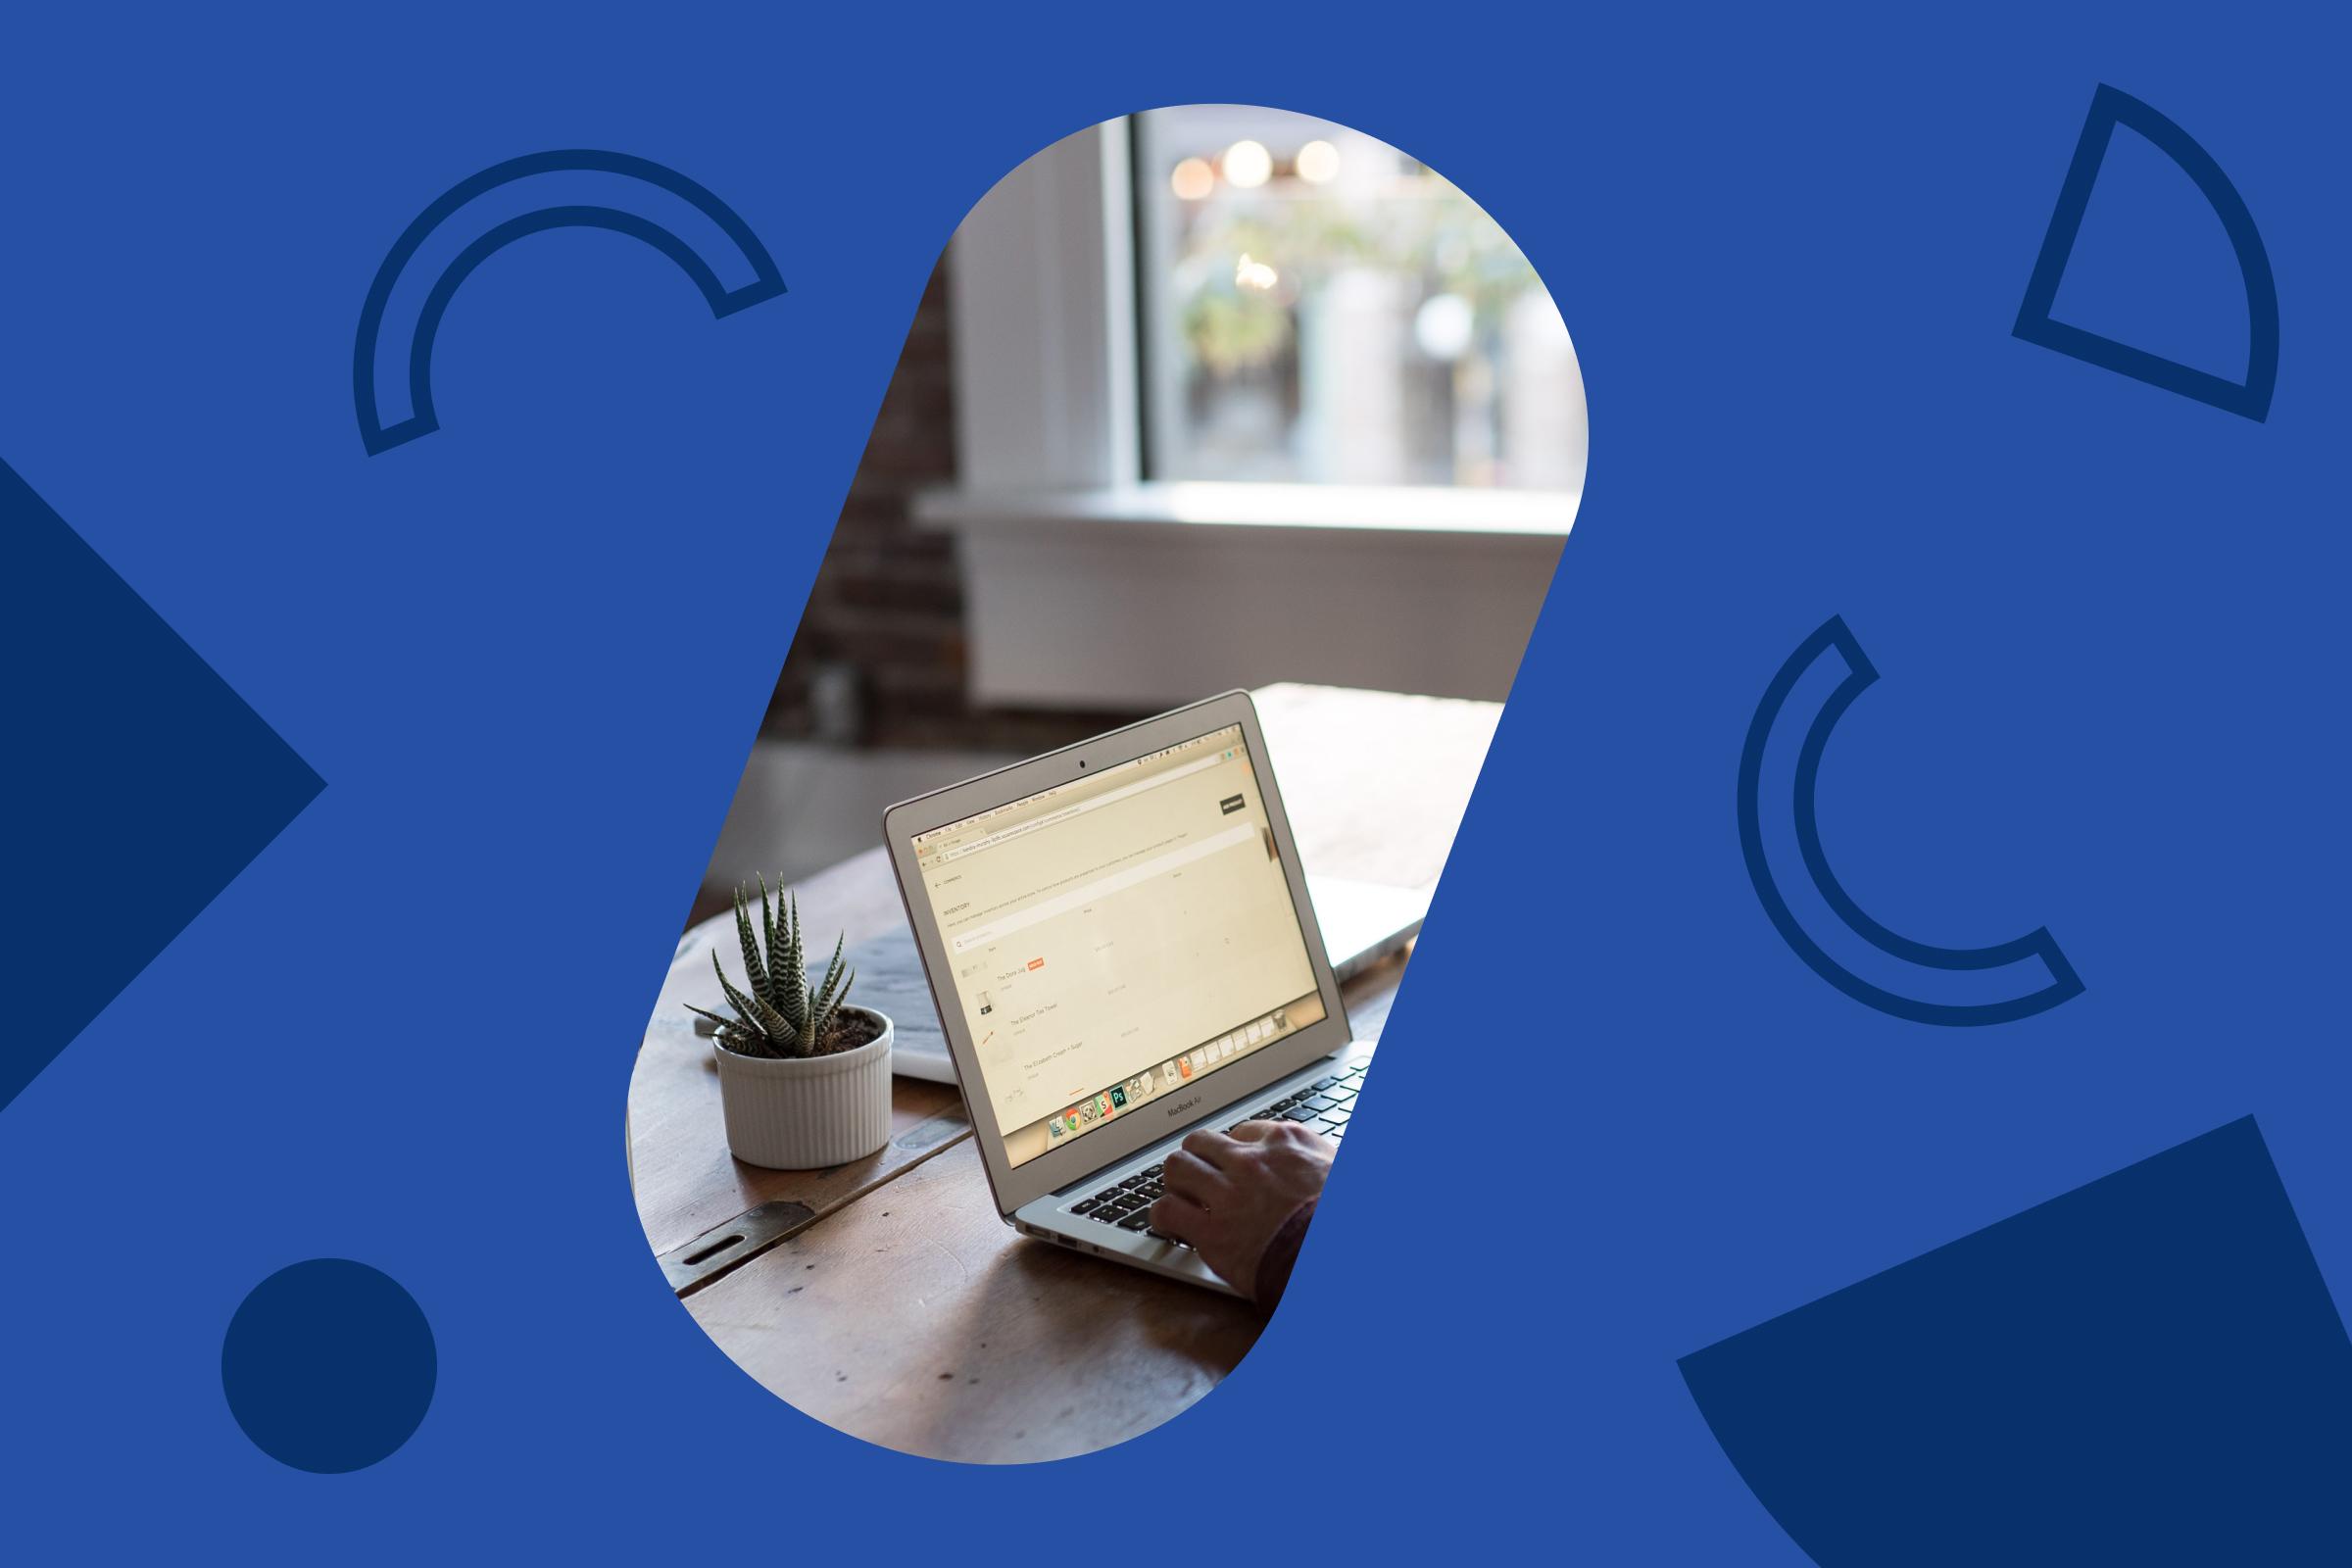 Найти новых клиентов и вырастить продажи в 1,5 раза c помощью автоматического анализа рекламы